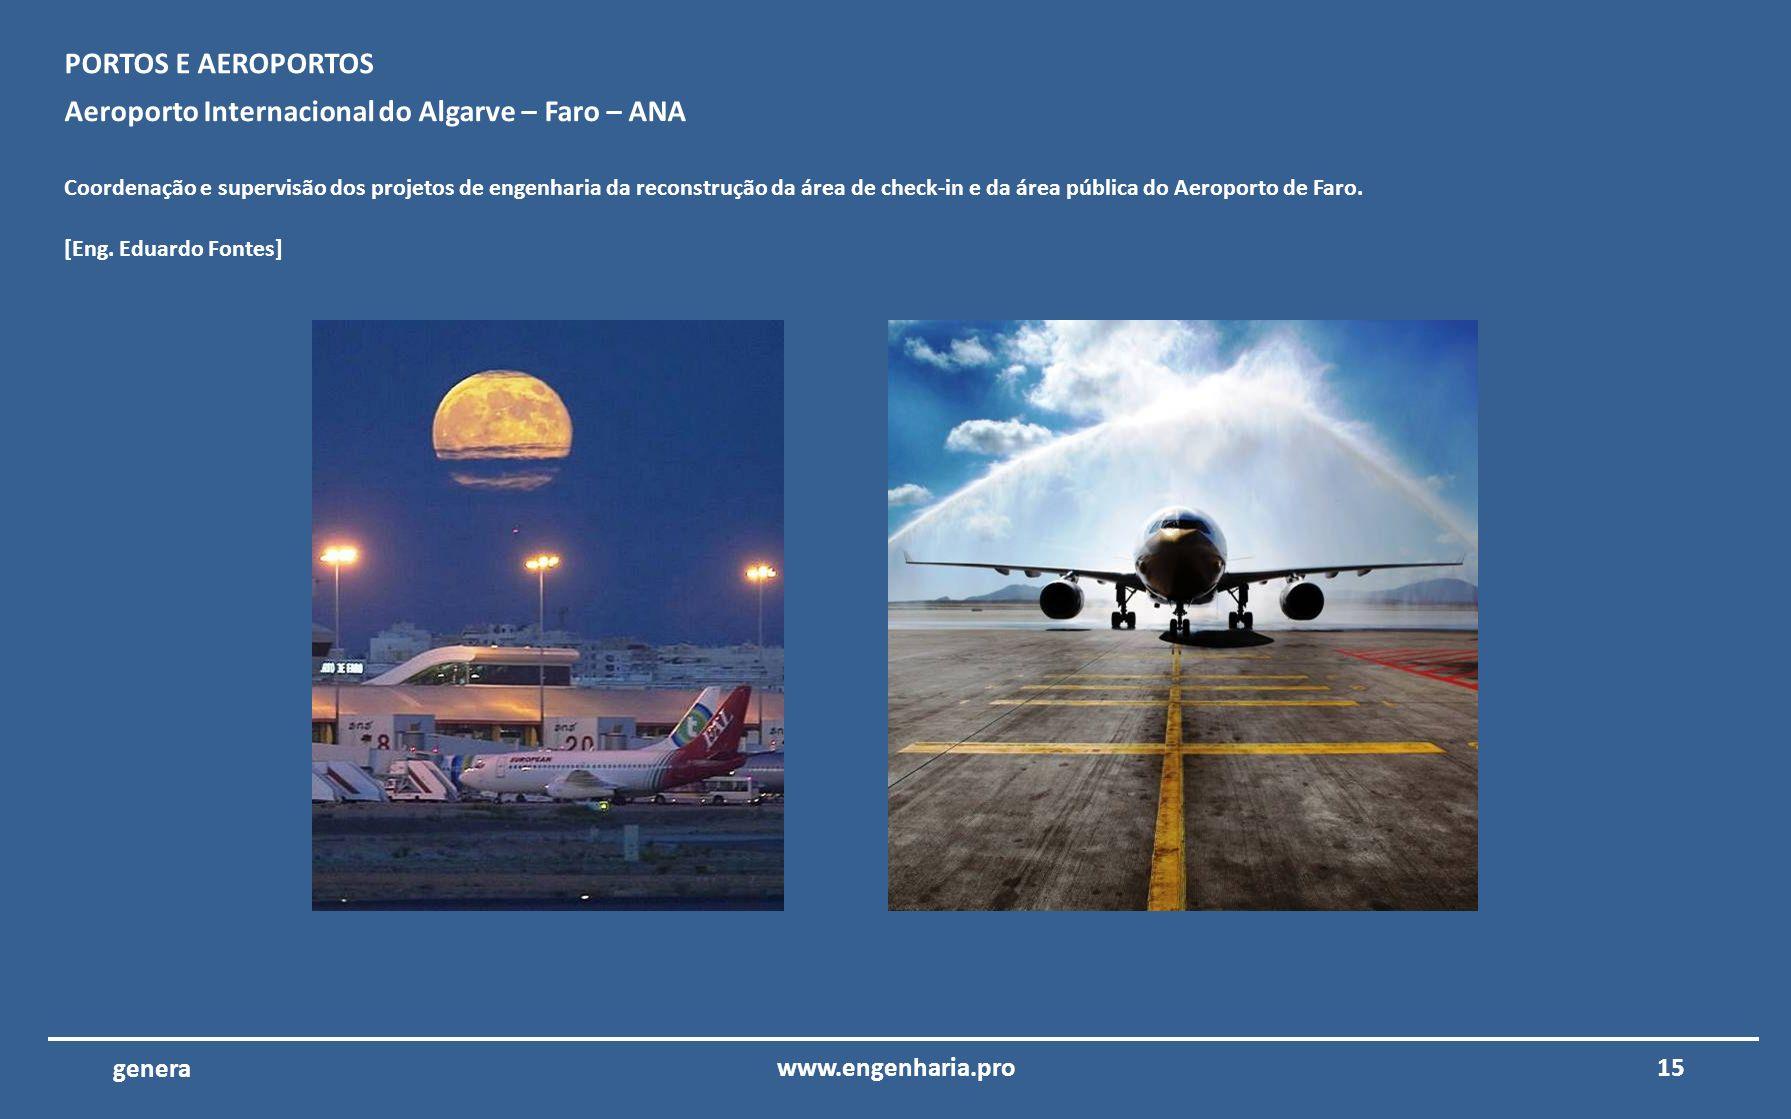 Aeroporto Internacional do Algarve – Faro – ANA